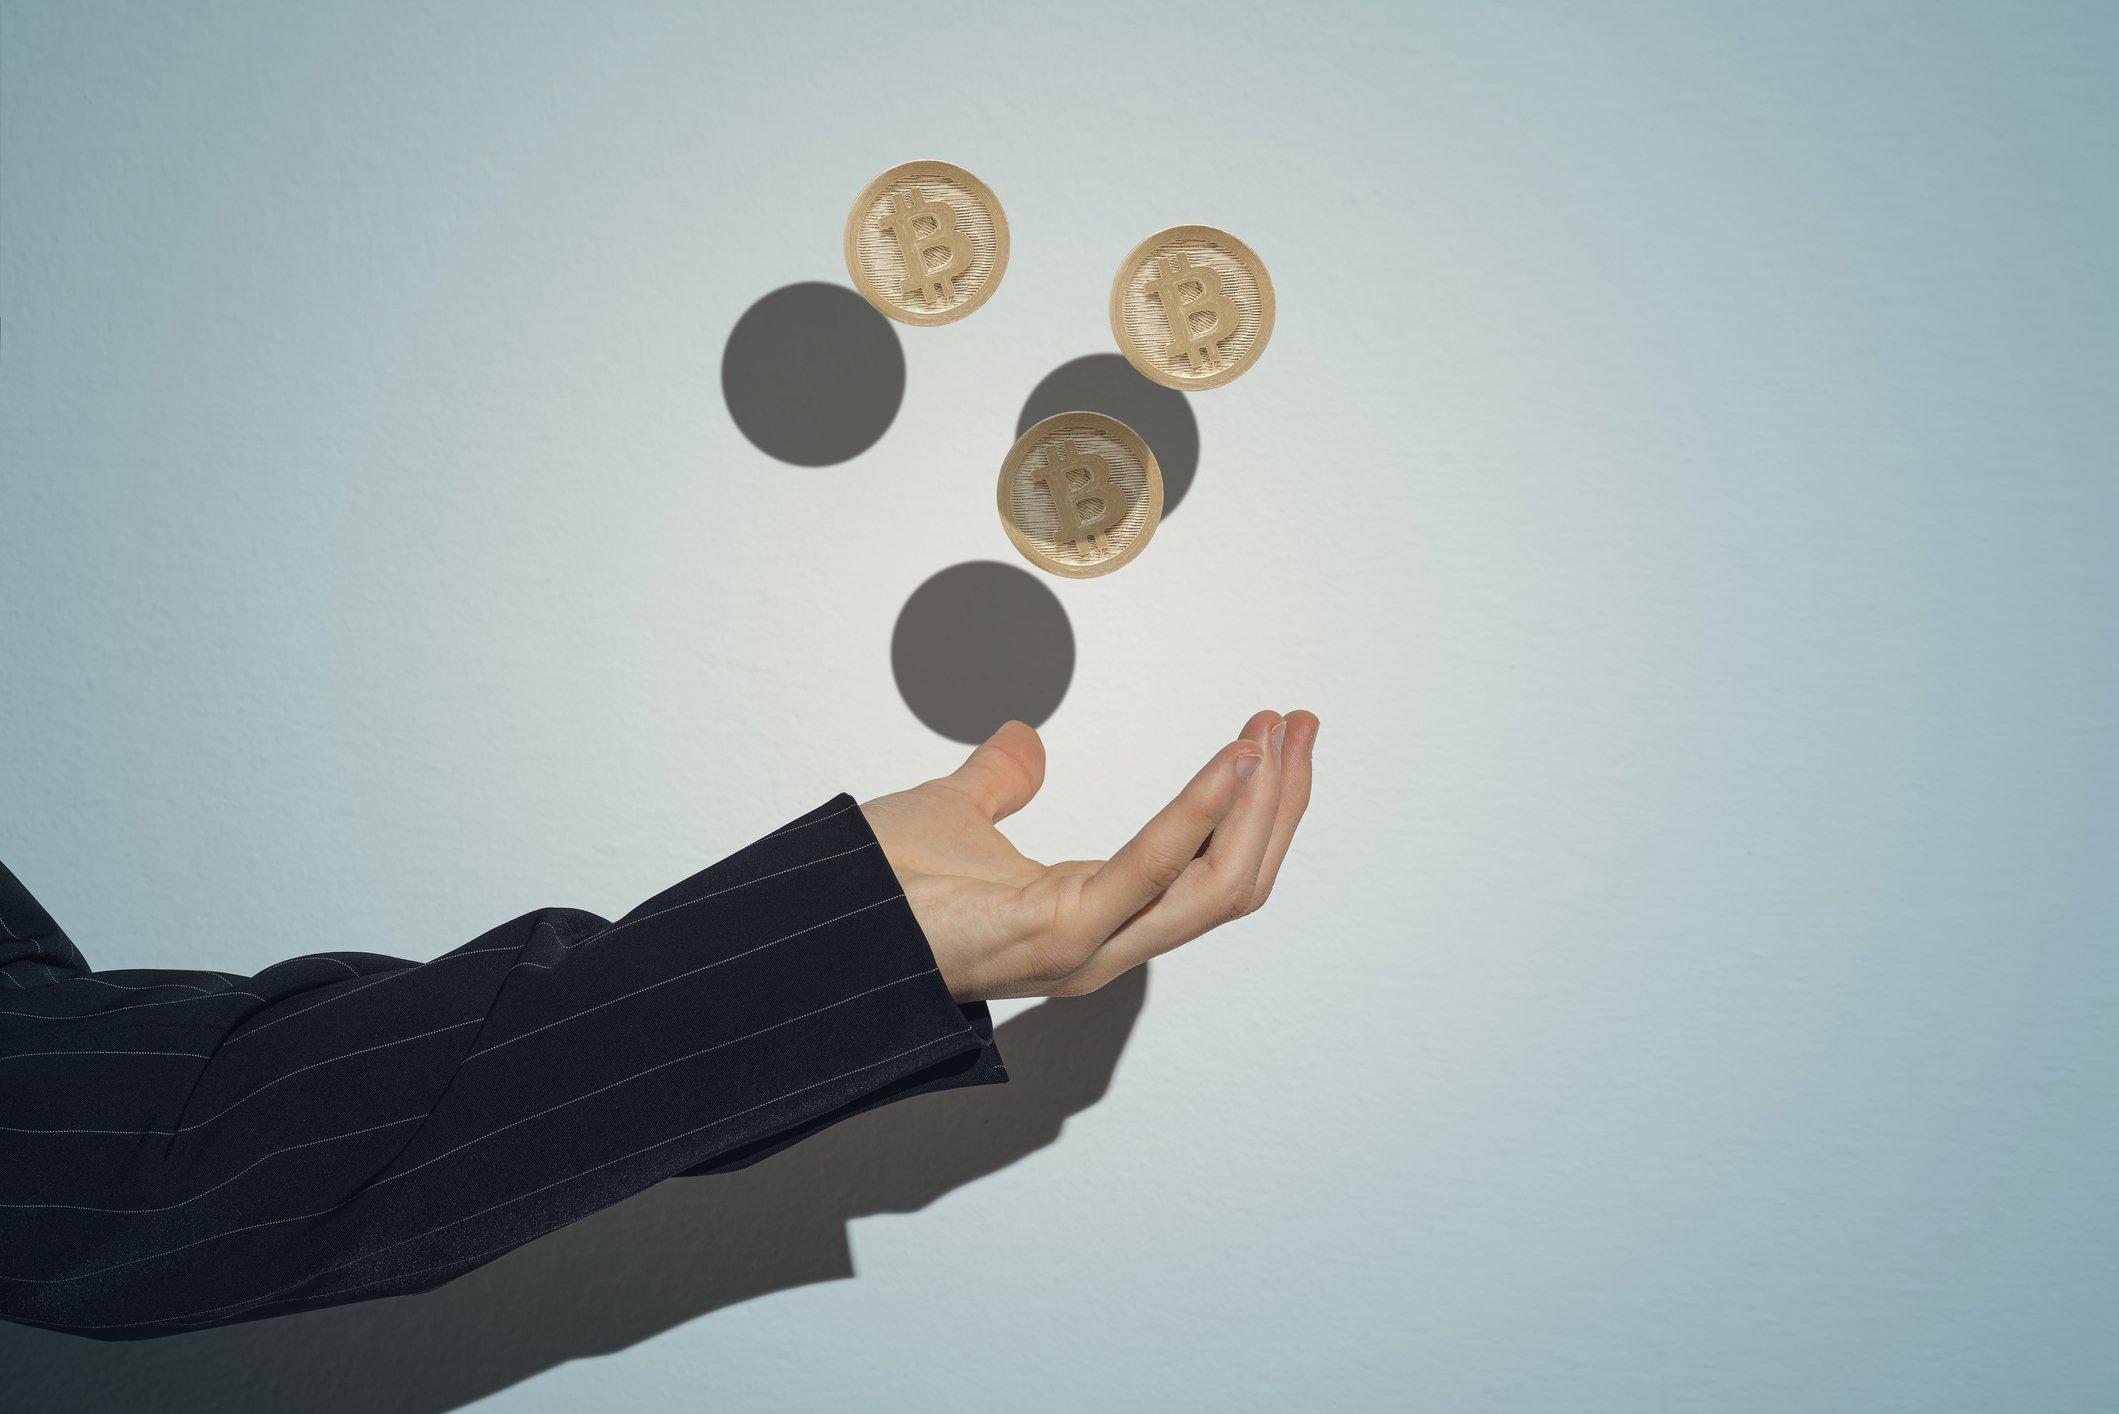 goldman sachs investimento em bitcoin melhores robôs de negociação para forex